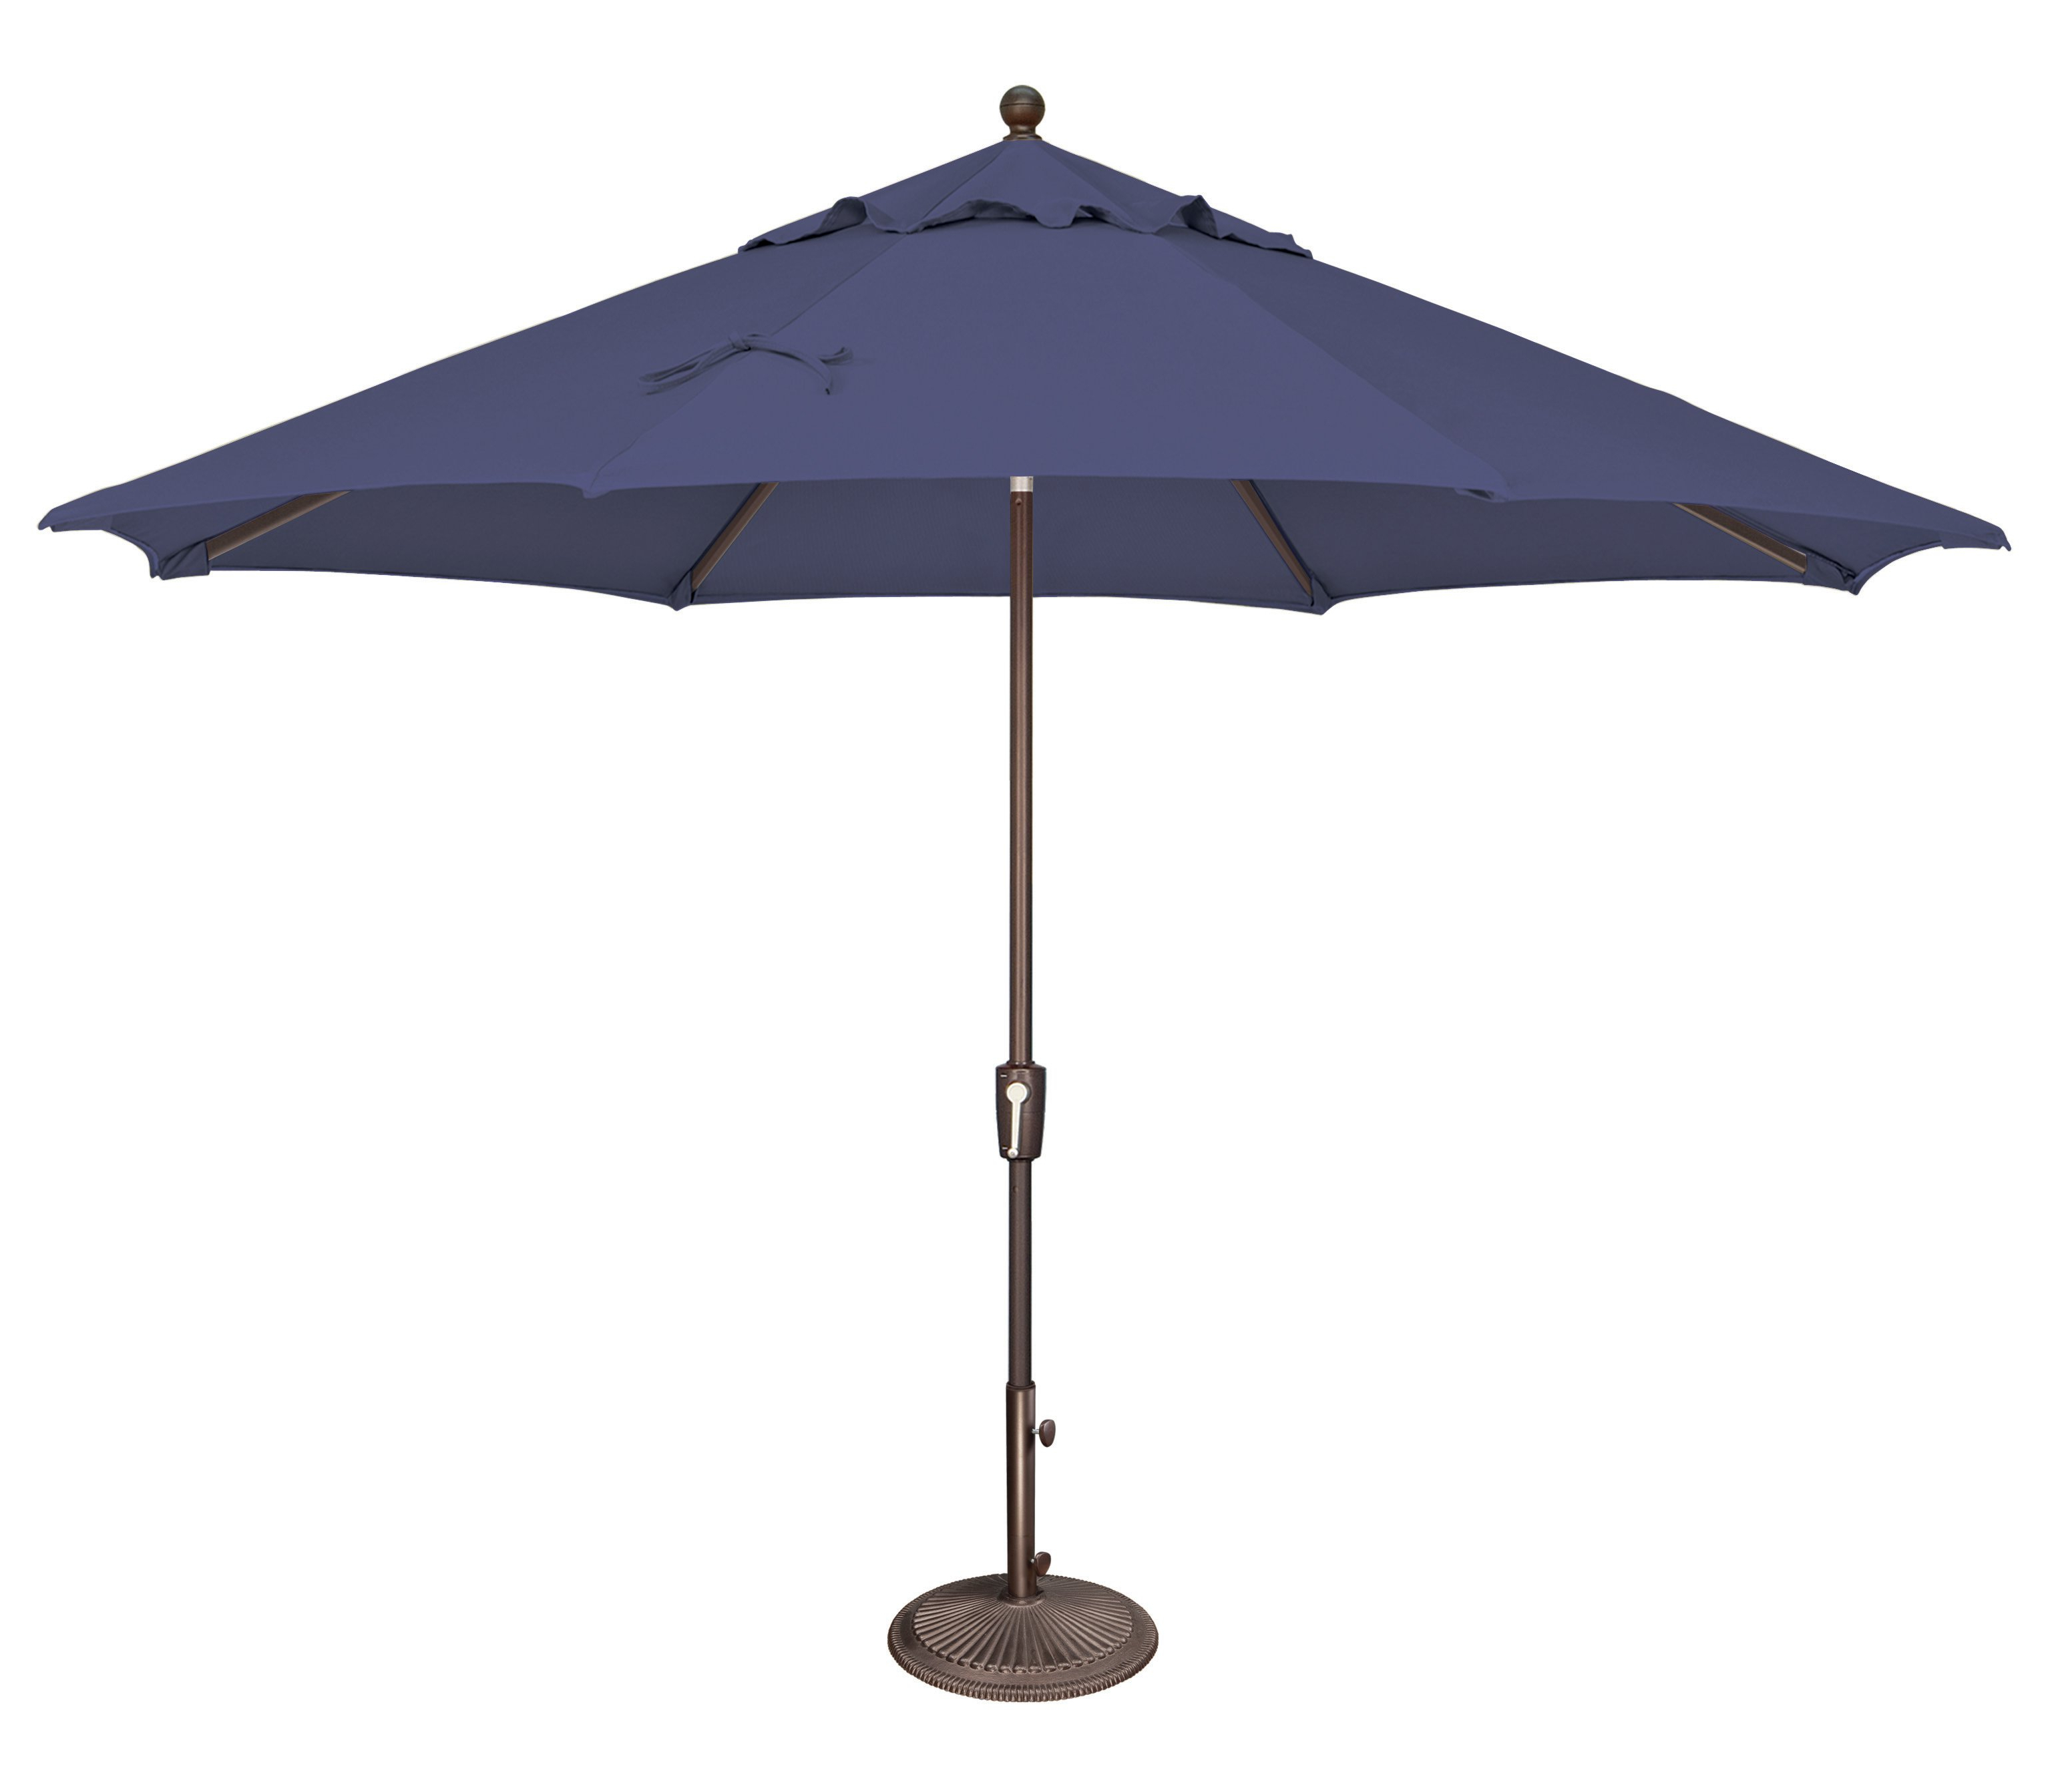 Launceston 11' Market Umbrella Within Widely Used Launceston Rectangular Market Umbrellas (View 9 of 20)